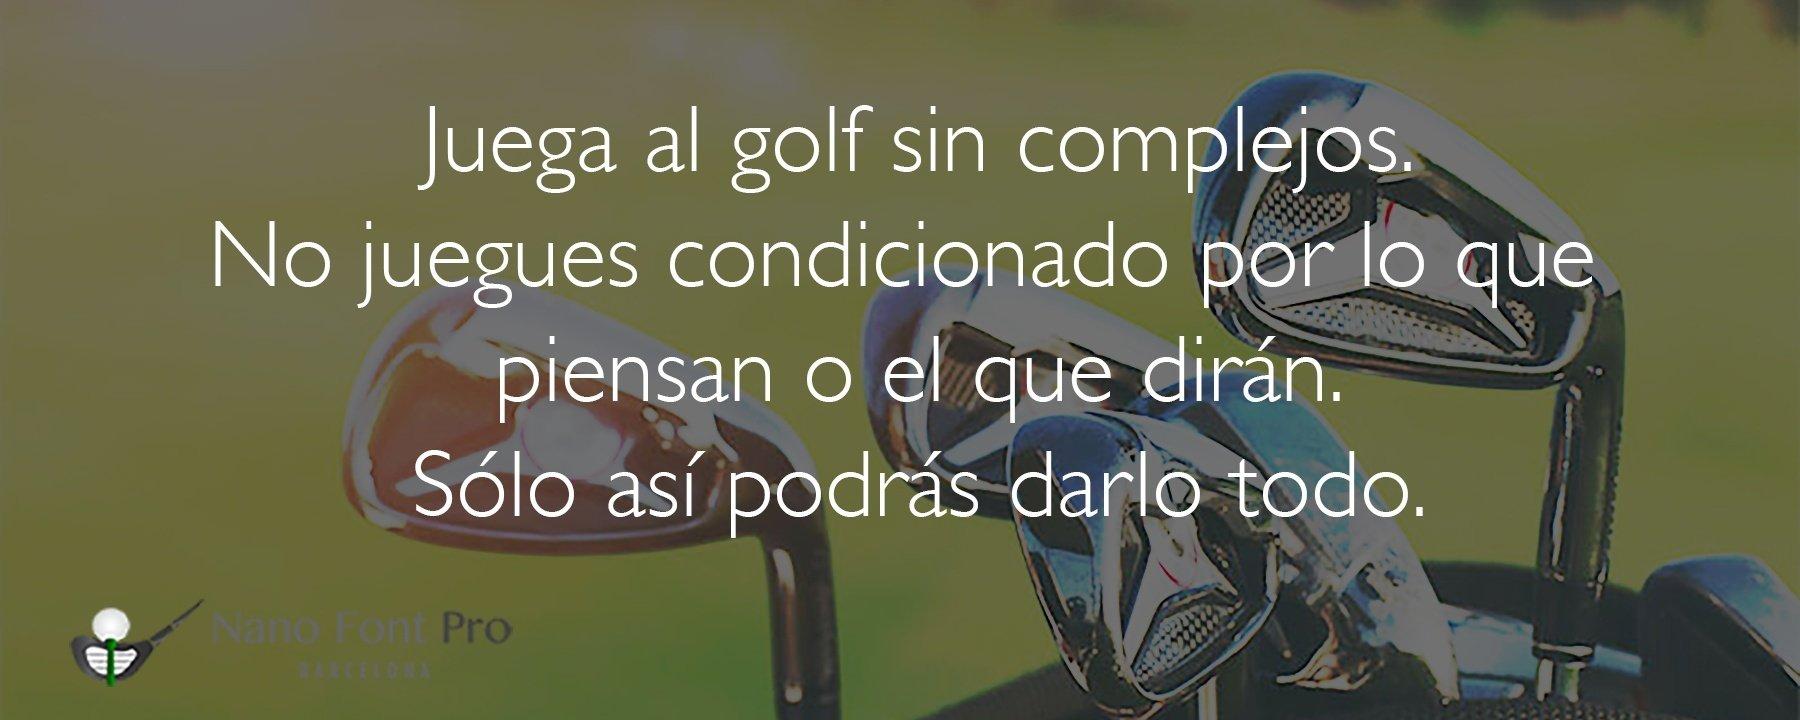 Juega al golf sin complejos